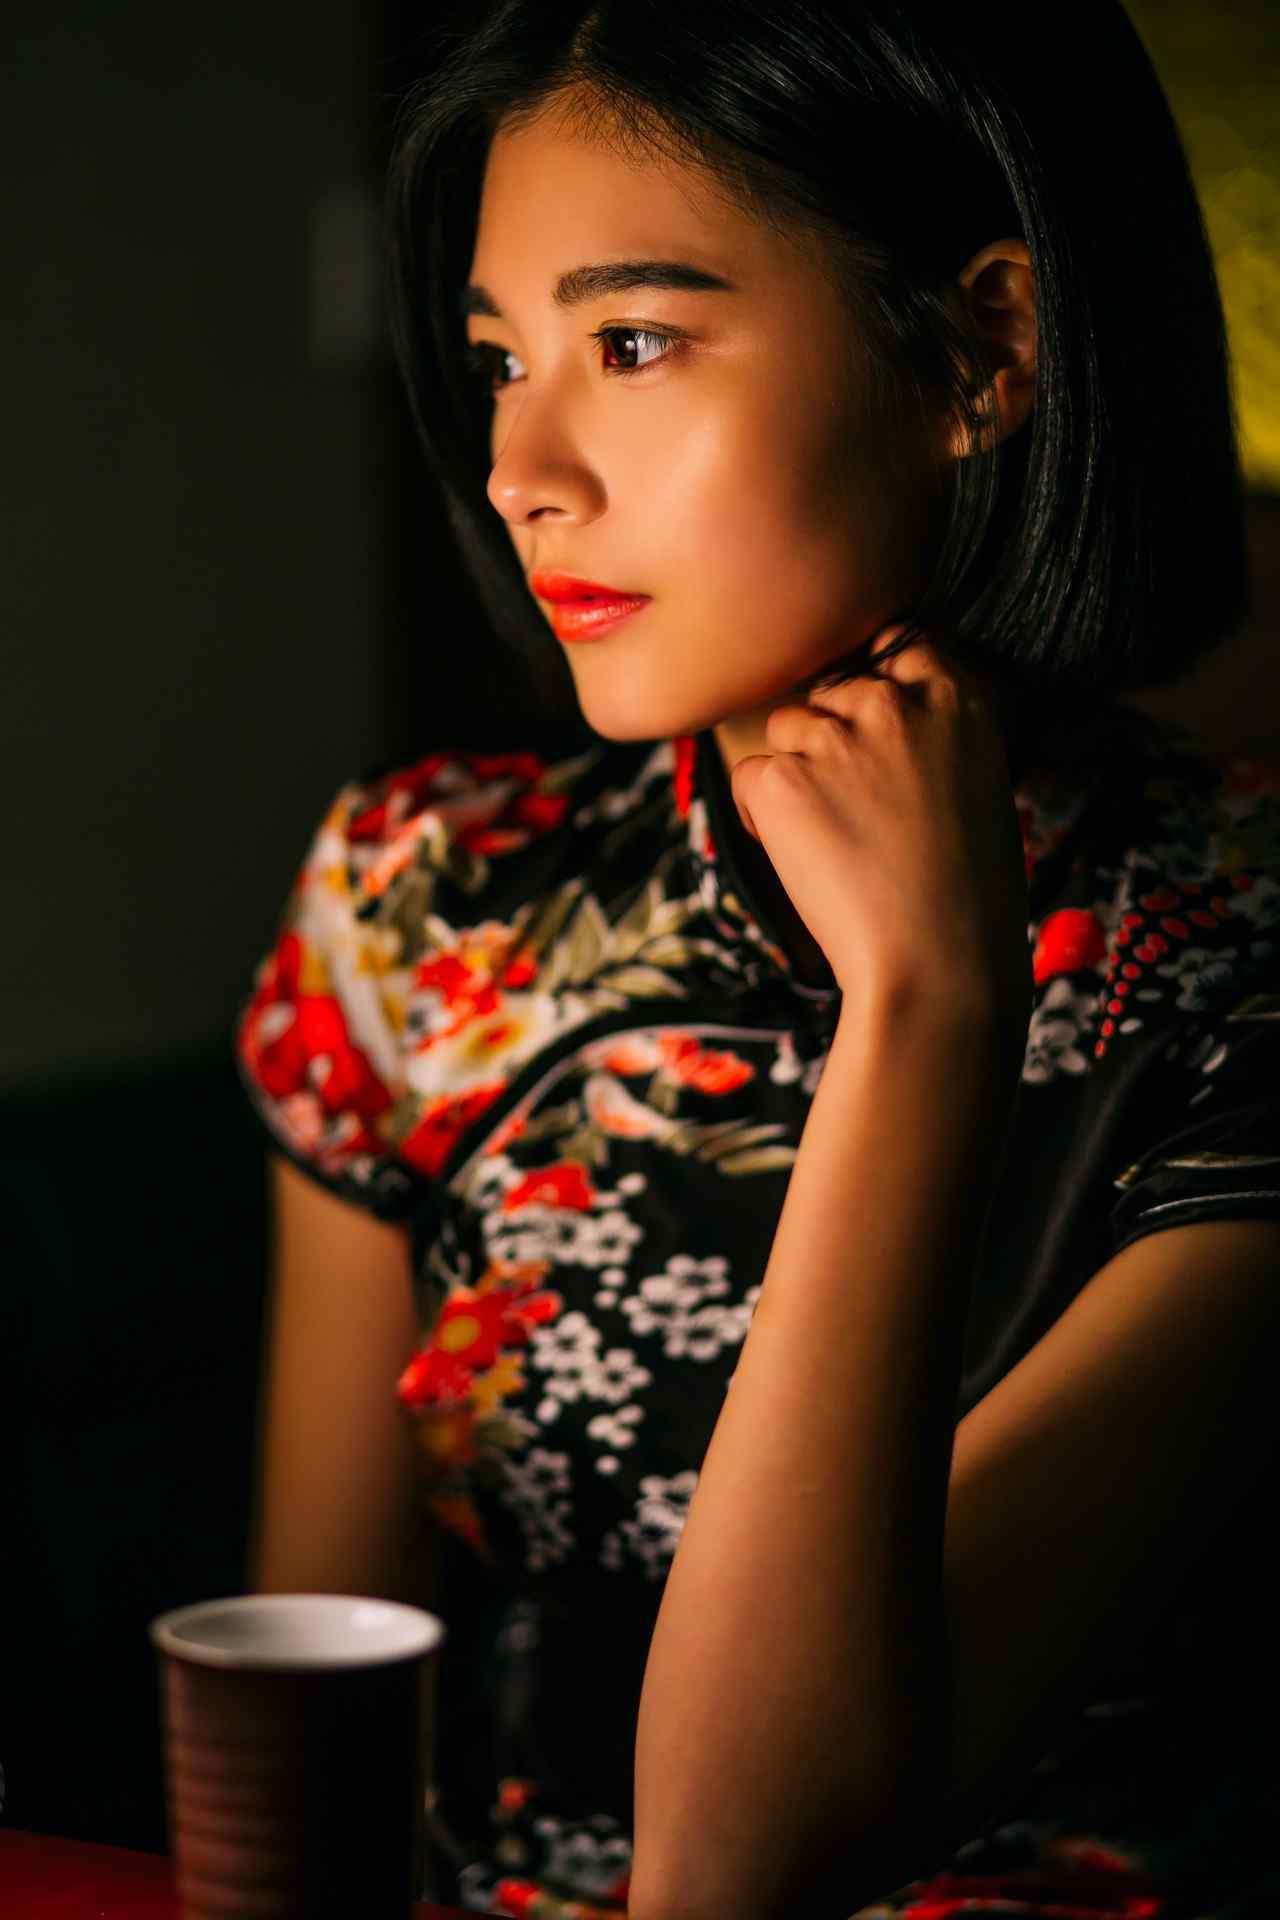 旗袍—美女紧致容颜手机壁纸